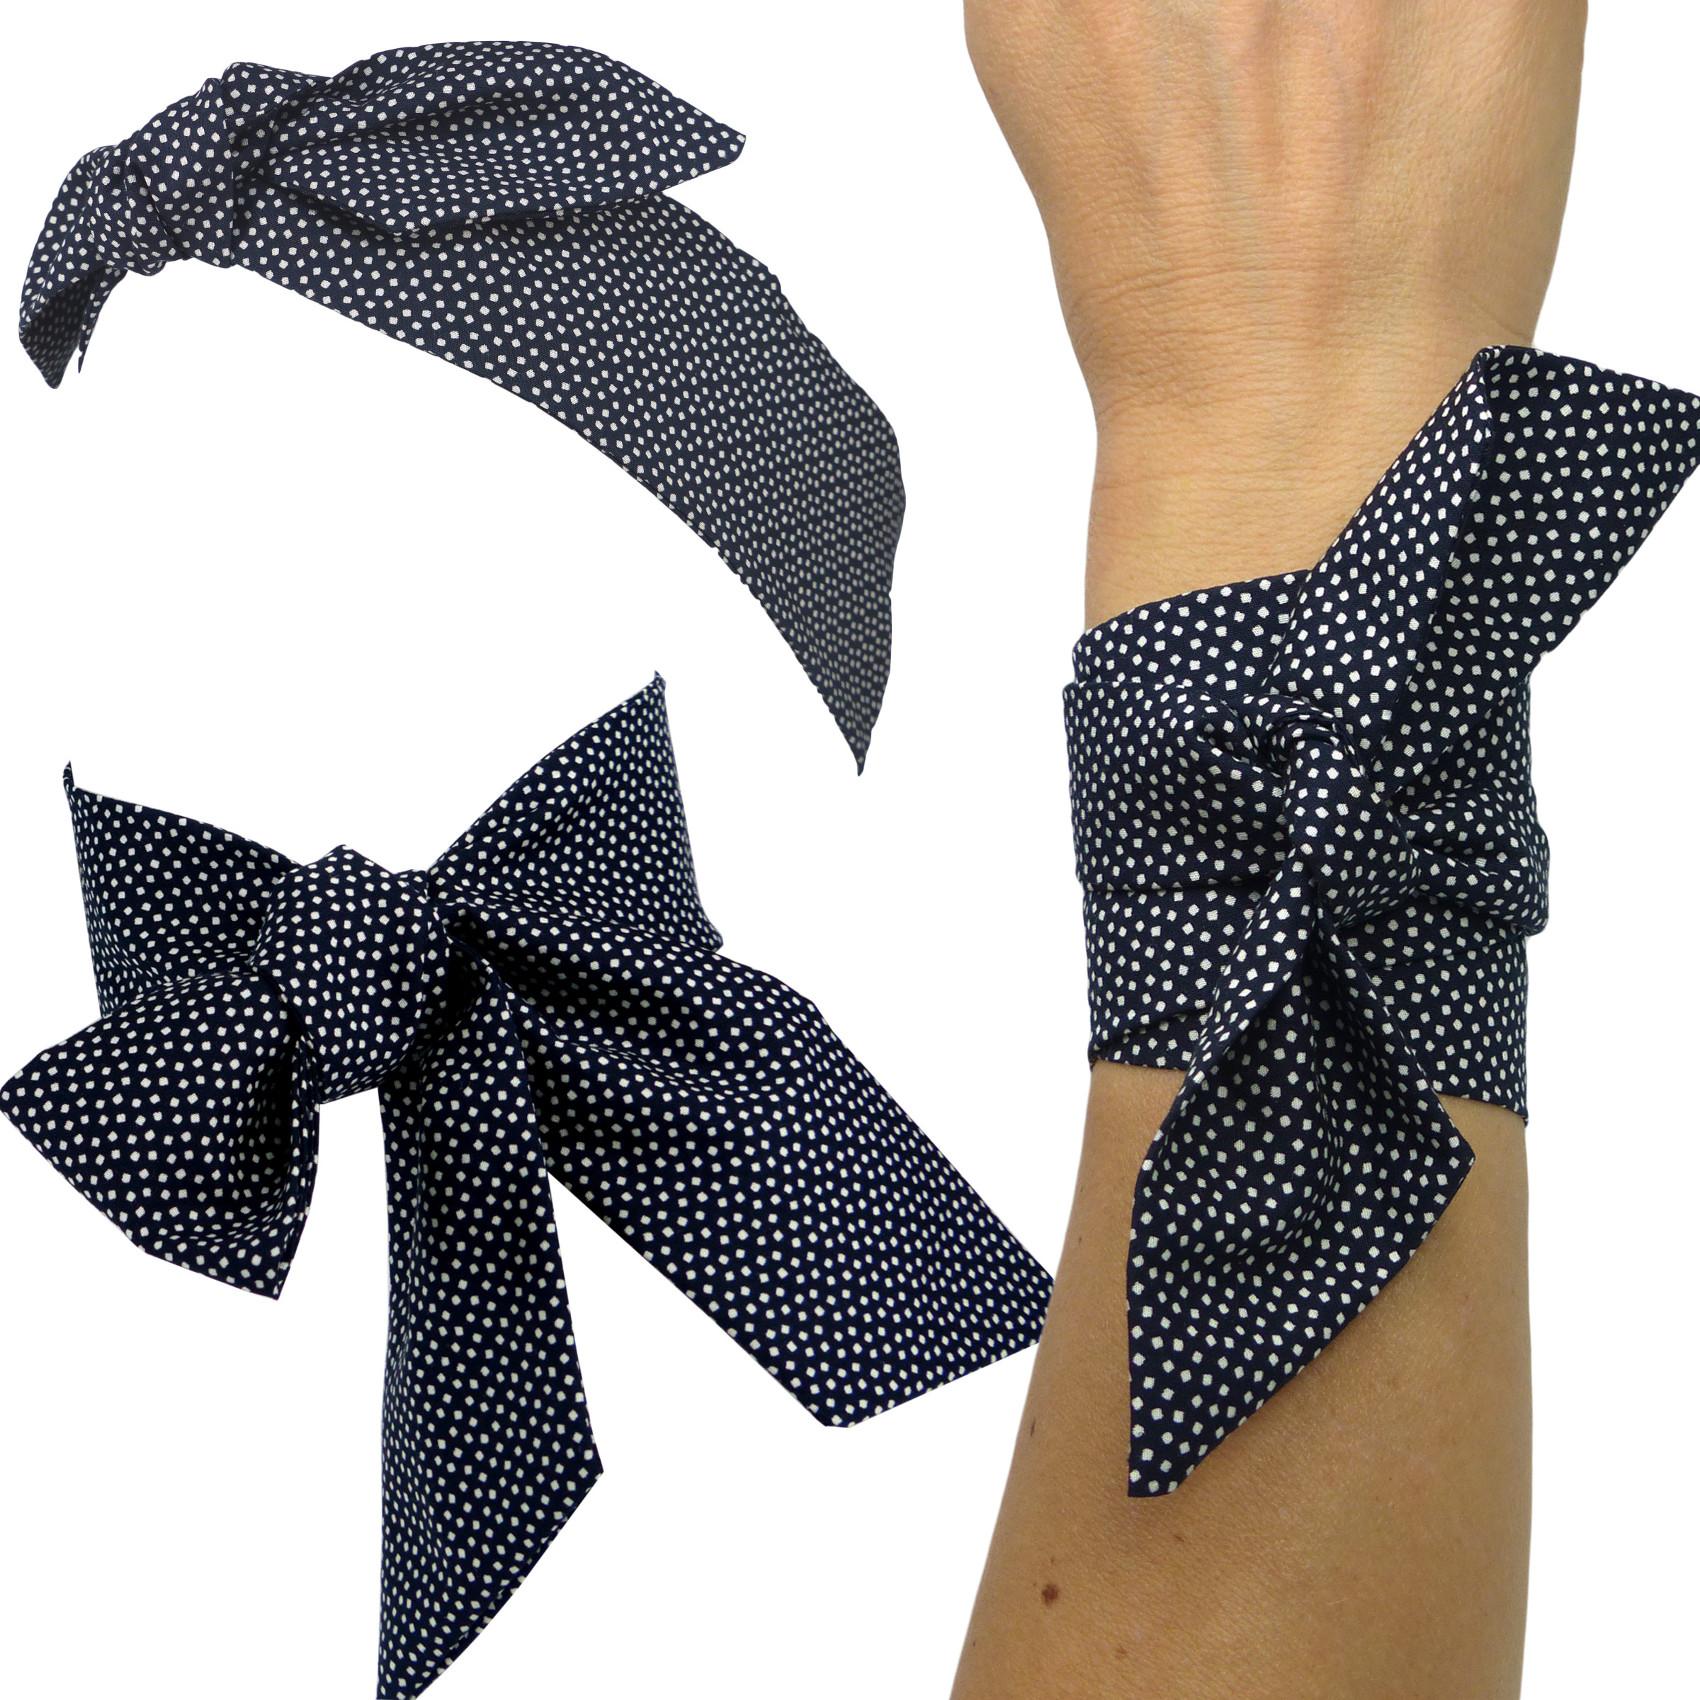 41316c3cffc8 foulard bandeau à cheveux à nouer bleu nuit à petits pois blancs, serre-tête